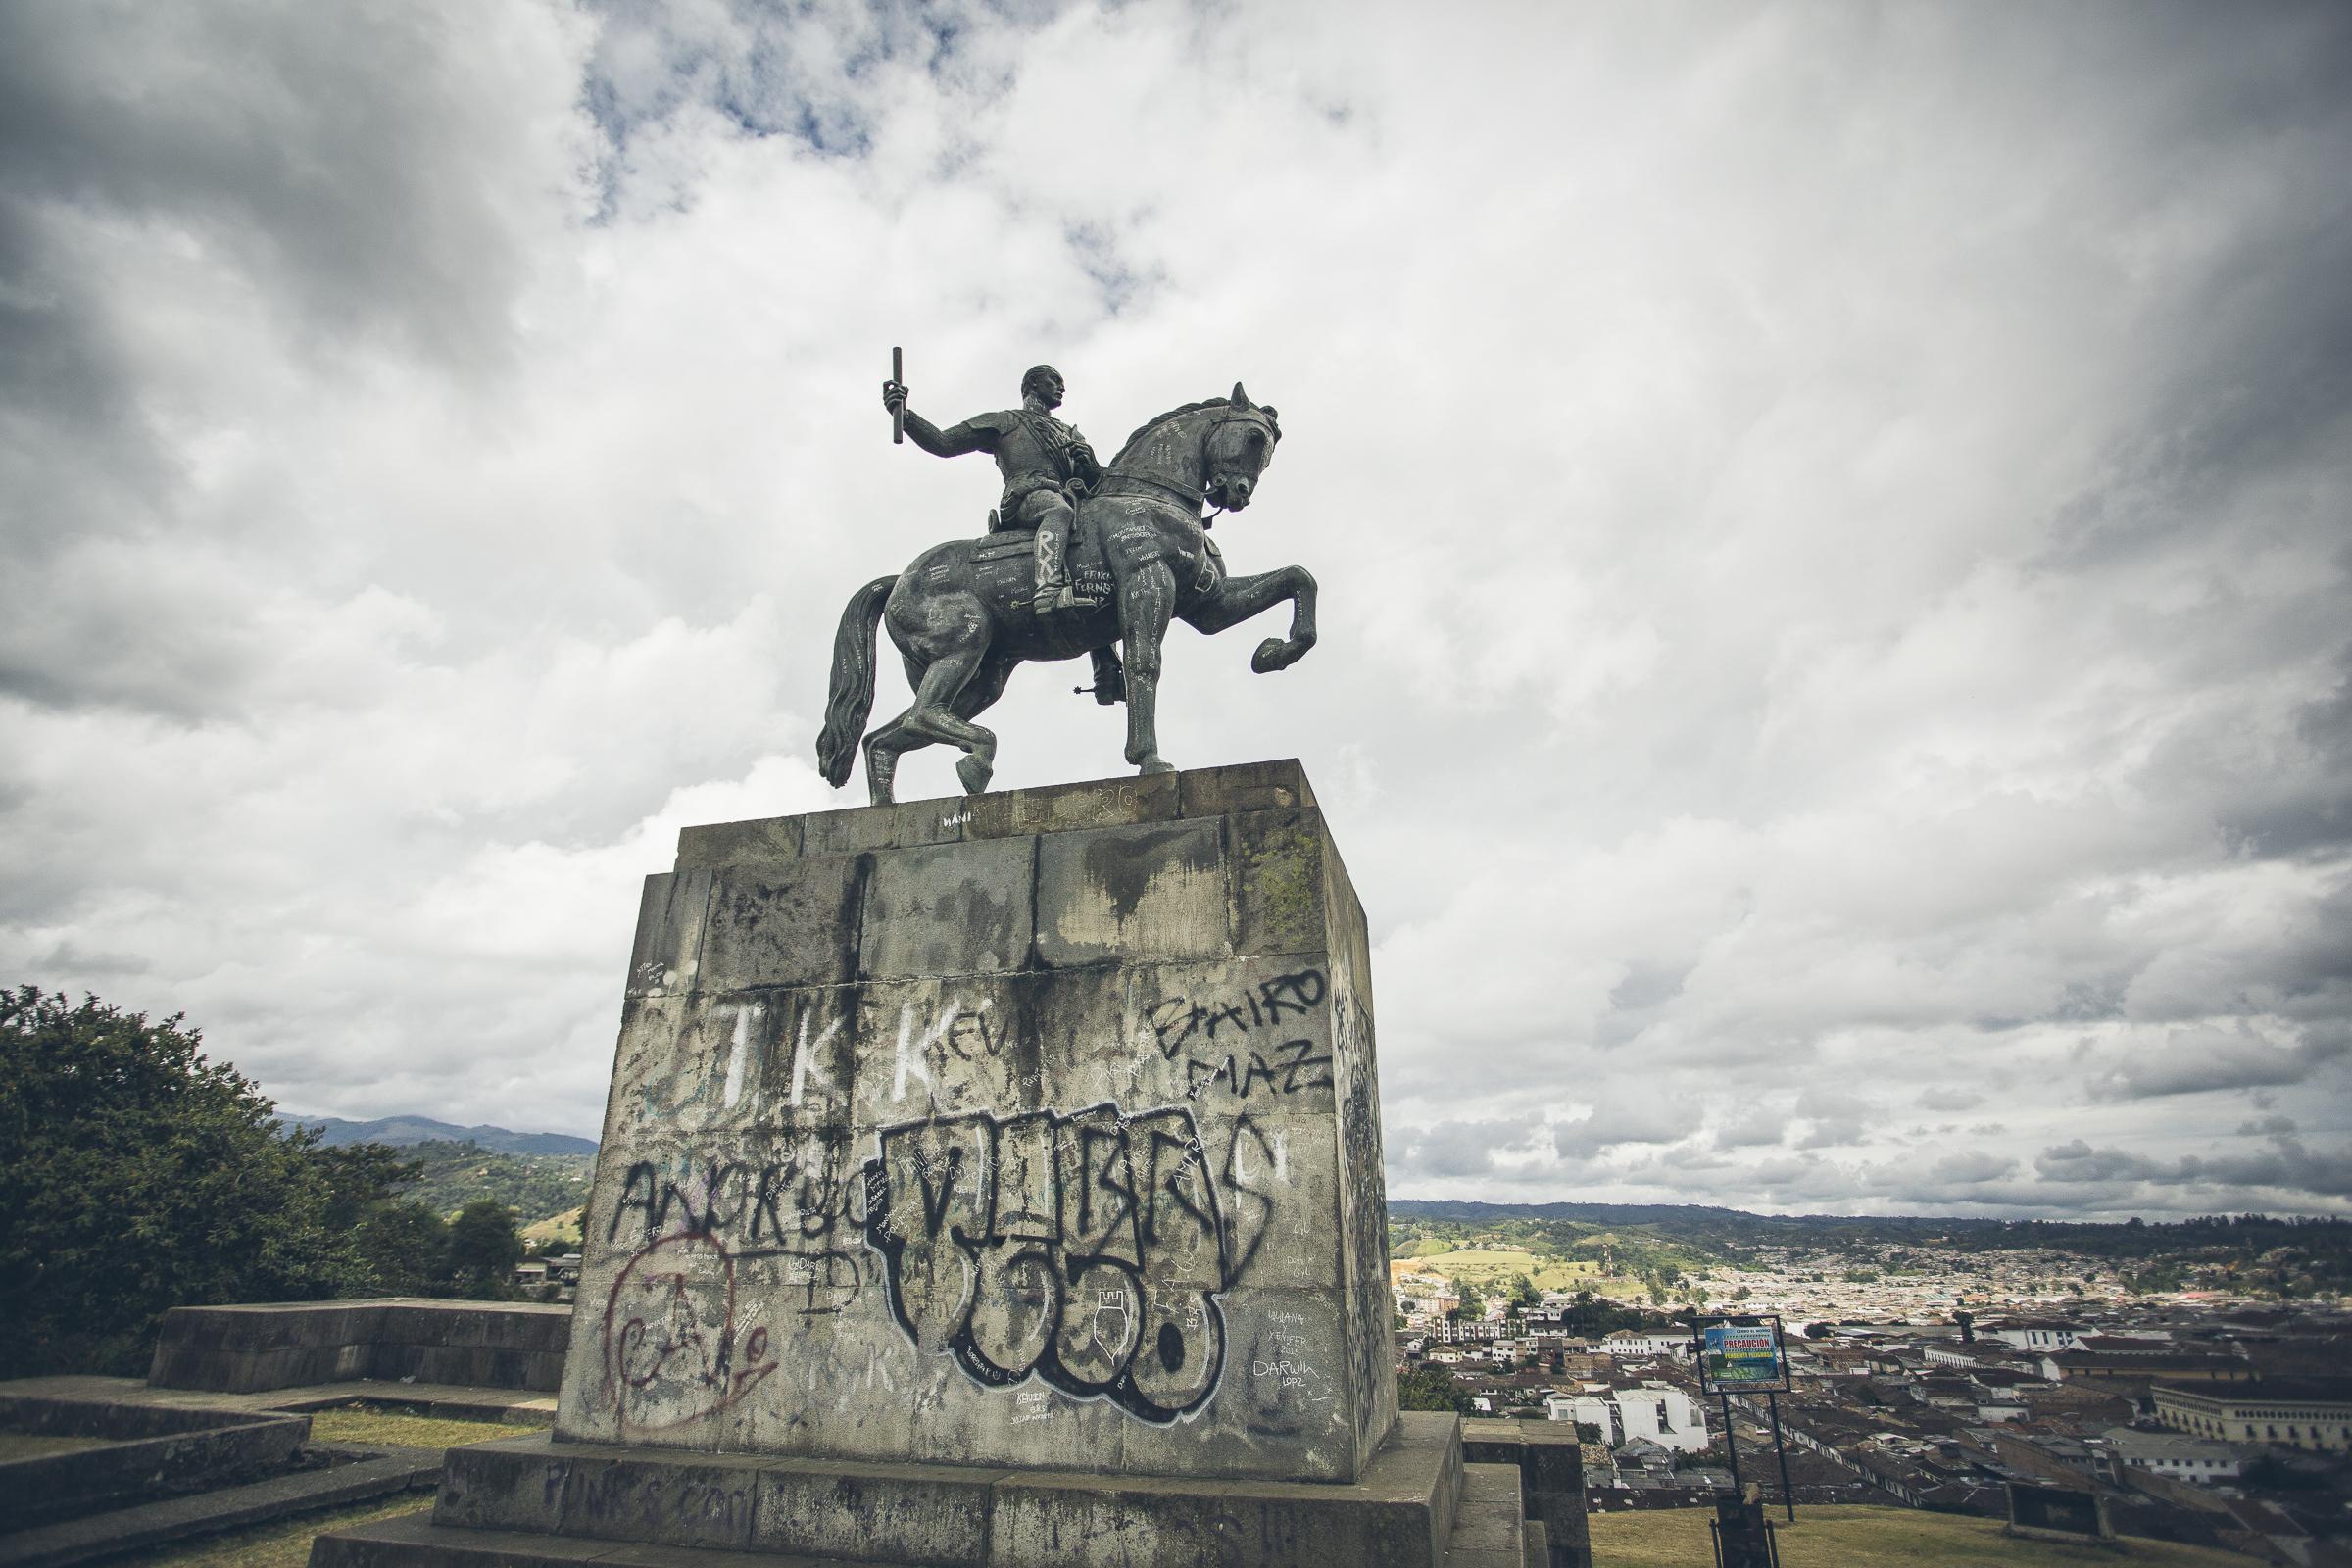 desktoglory_south_colombia-9